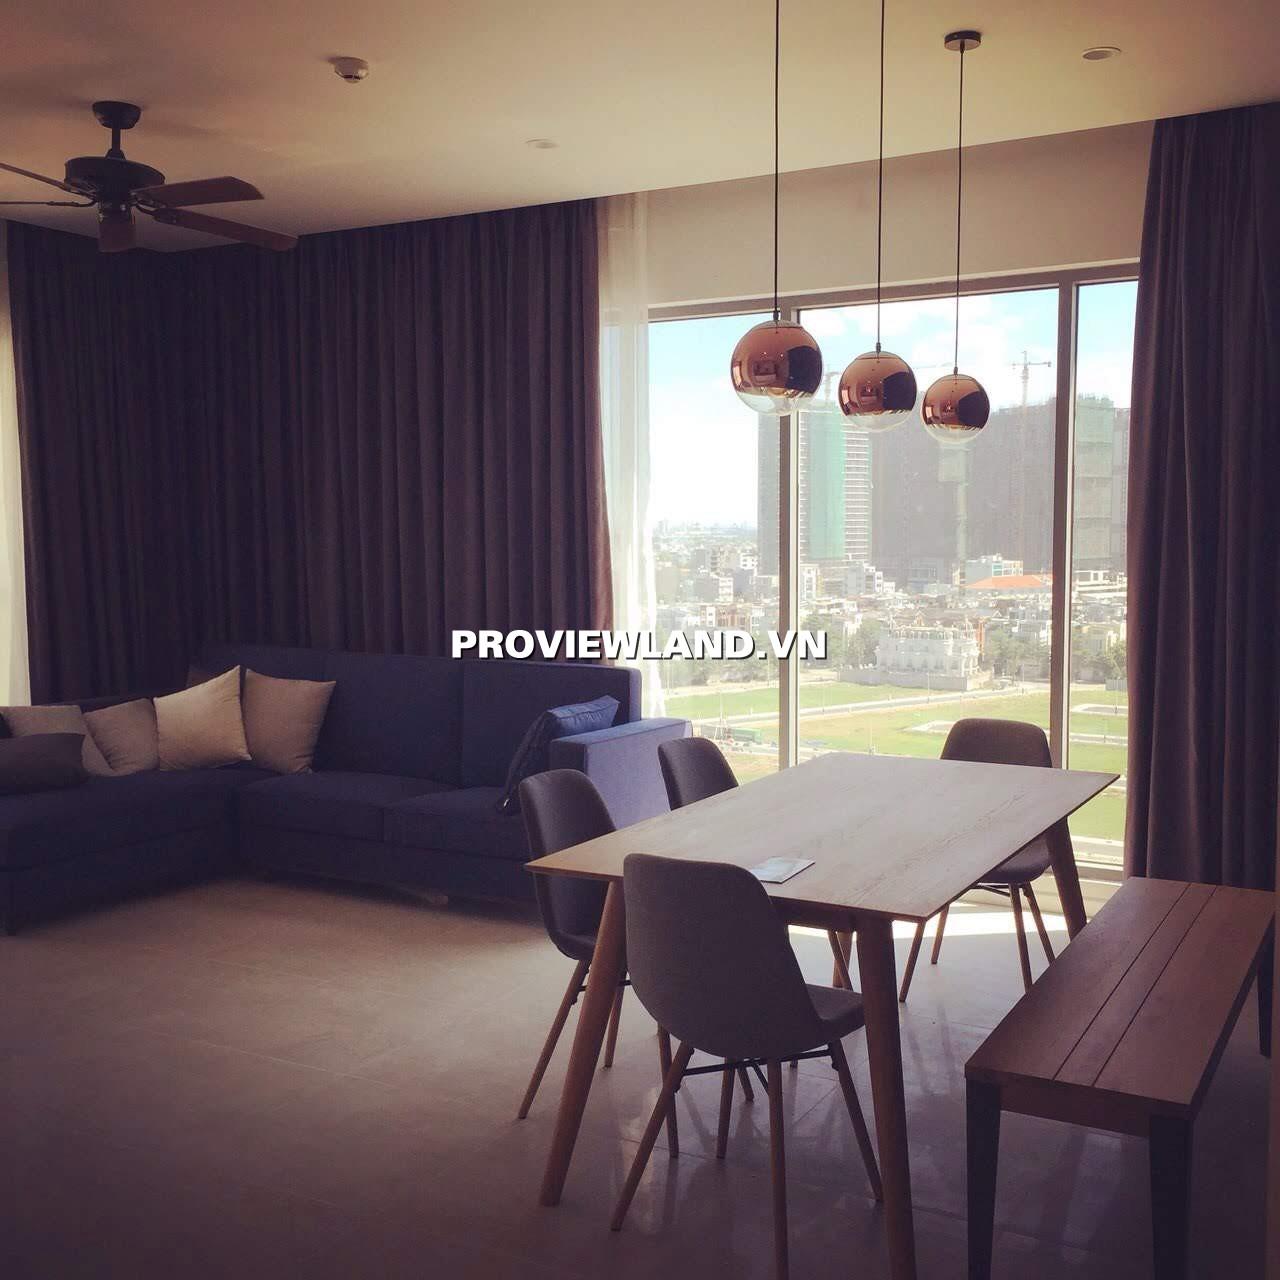 Cho thuê căn hộ Đảo Kim Cương 3 phòng ngủ 117m2 full nội thất view thoáng